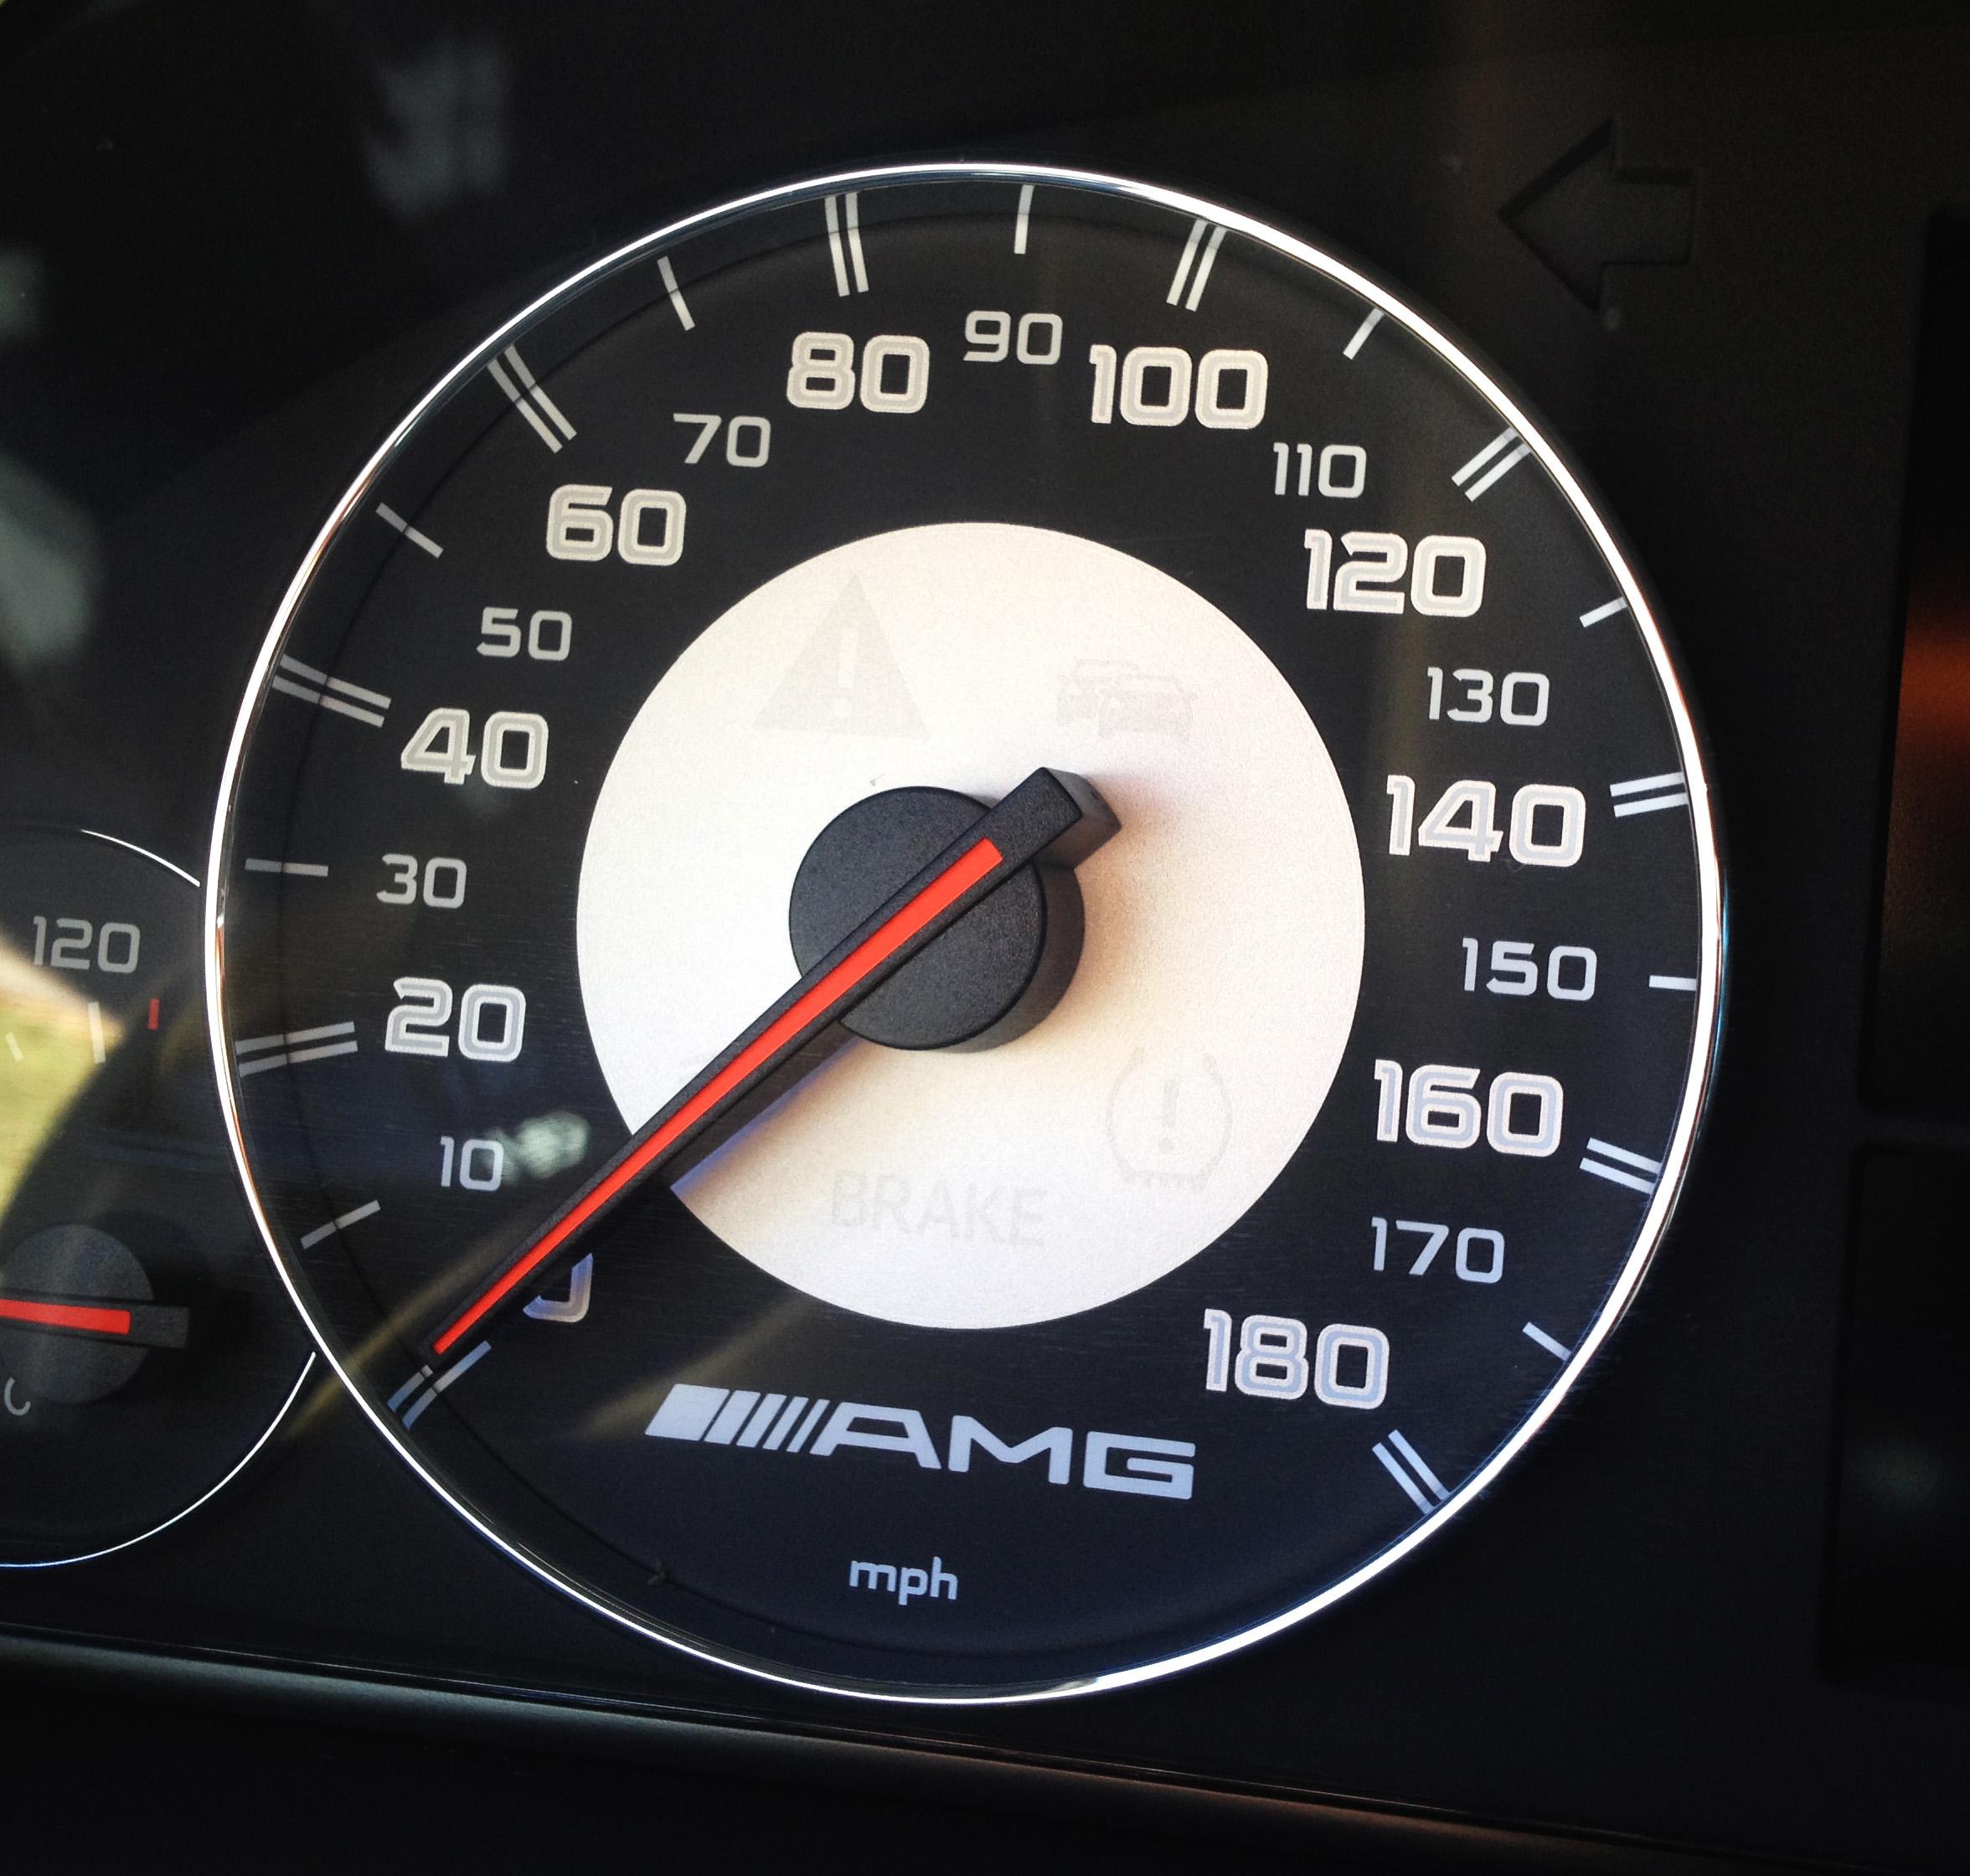 Mercedes Benz AMG G-Class